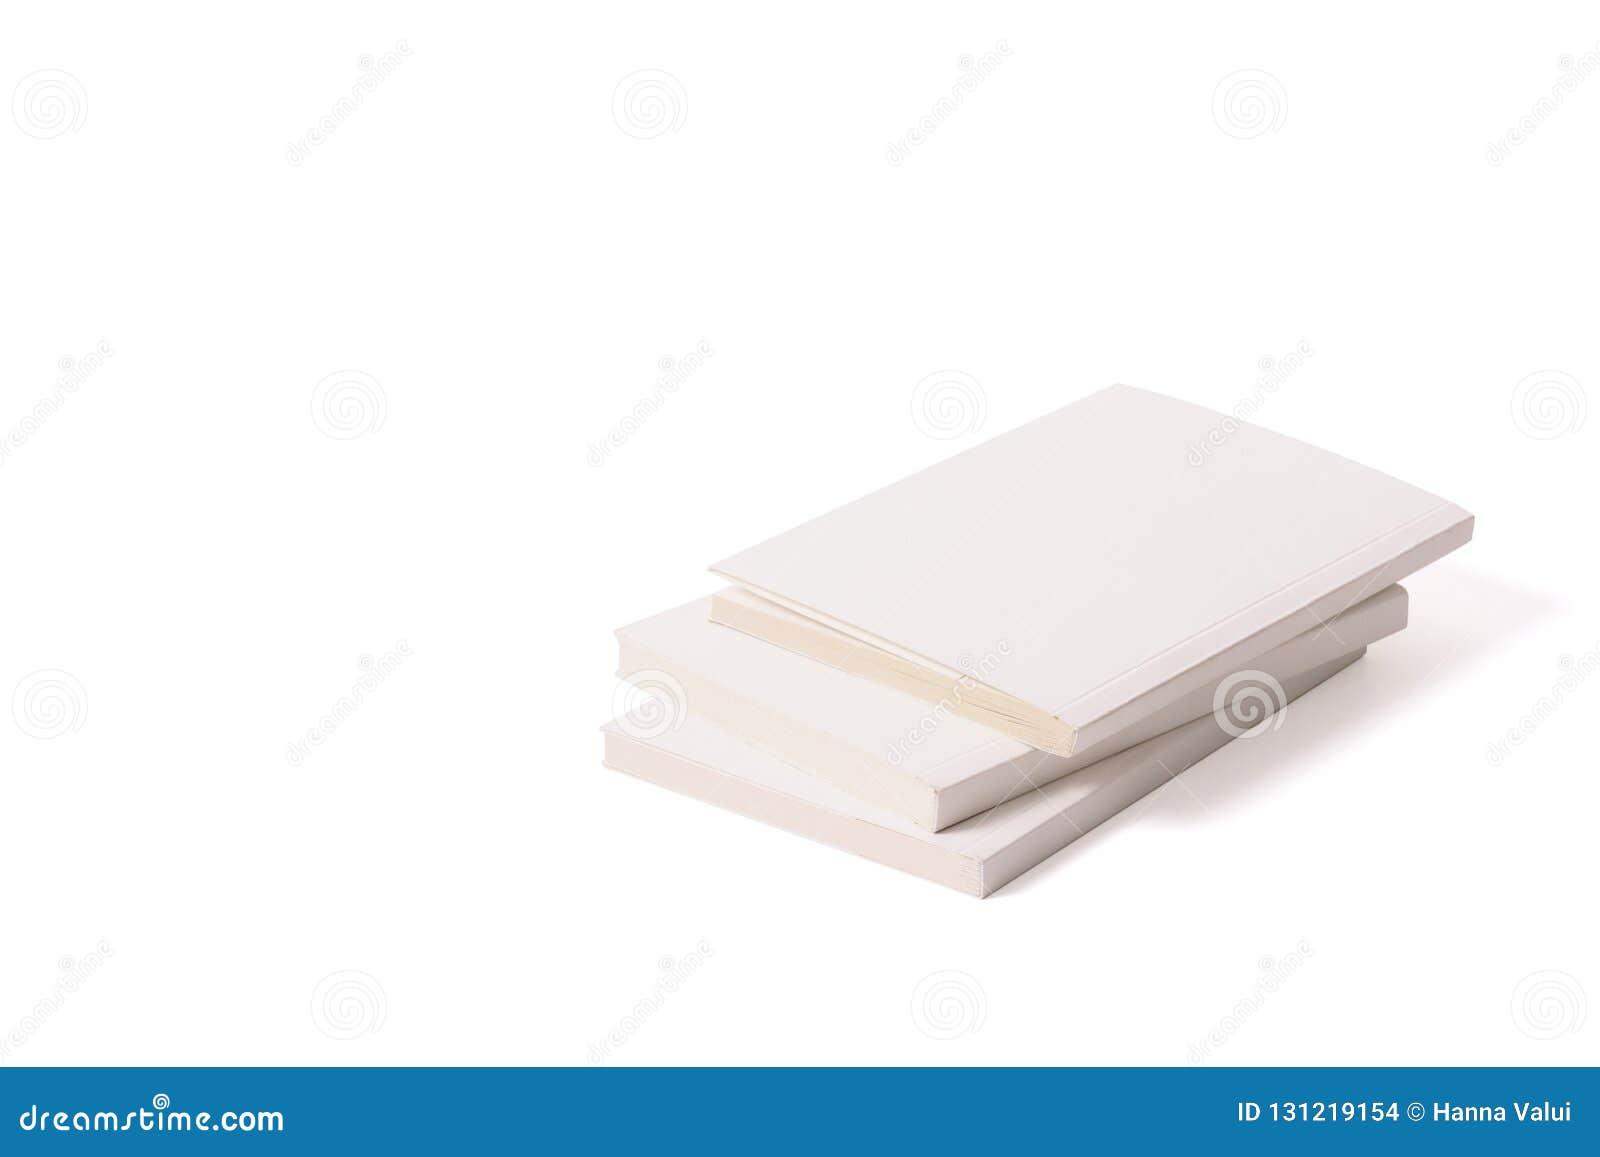 Tres Libros Blancos De Mentira En Una Superficie Blanca A La Derecha